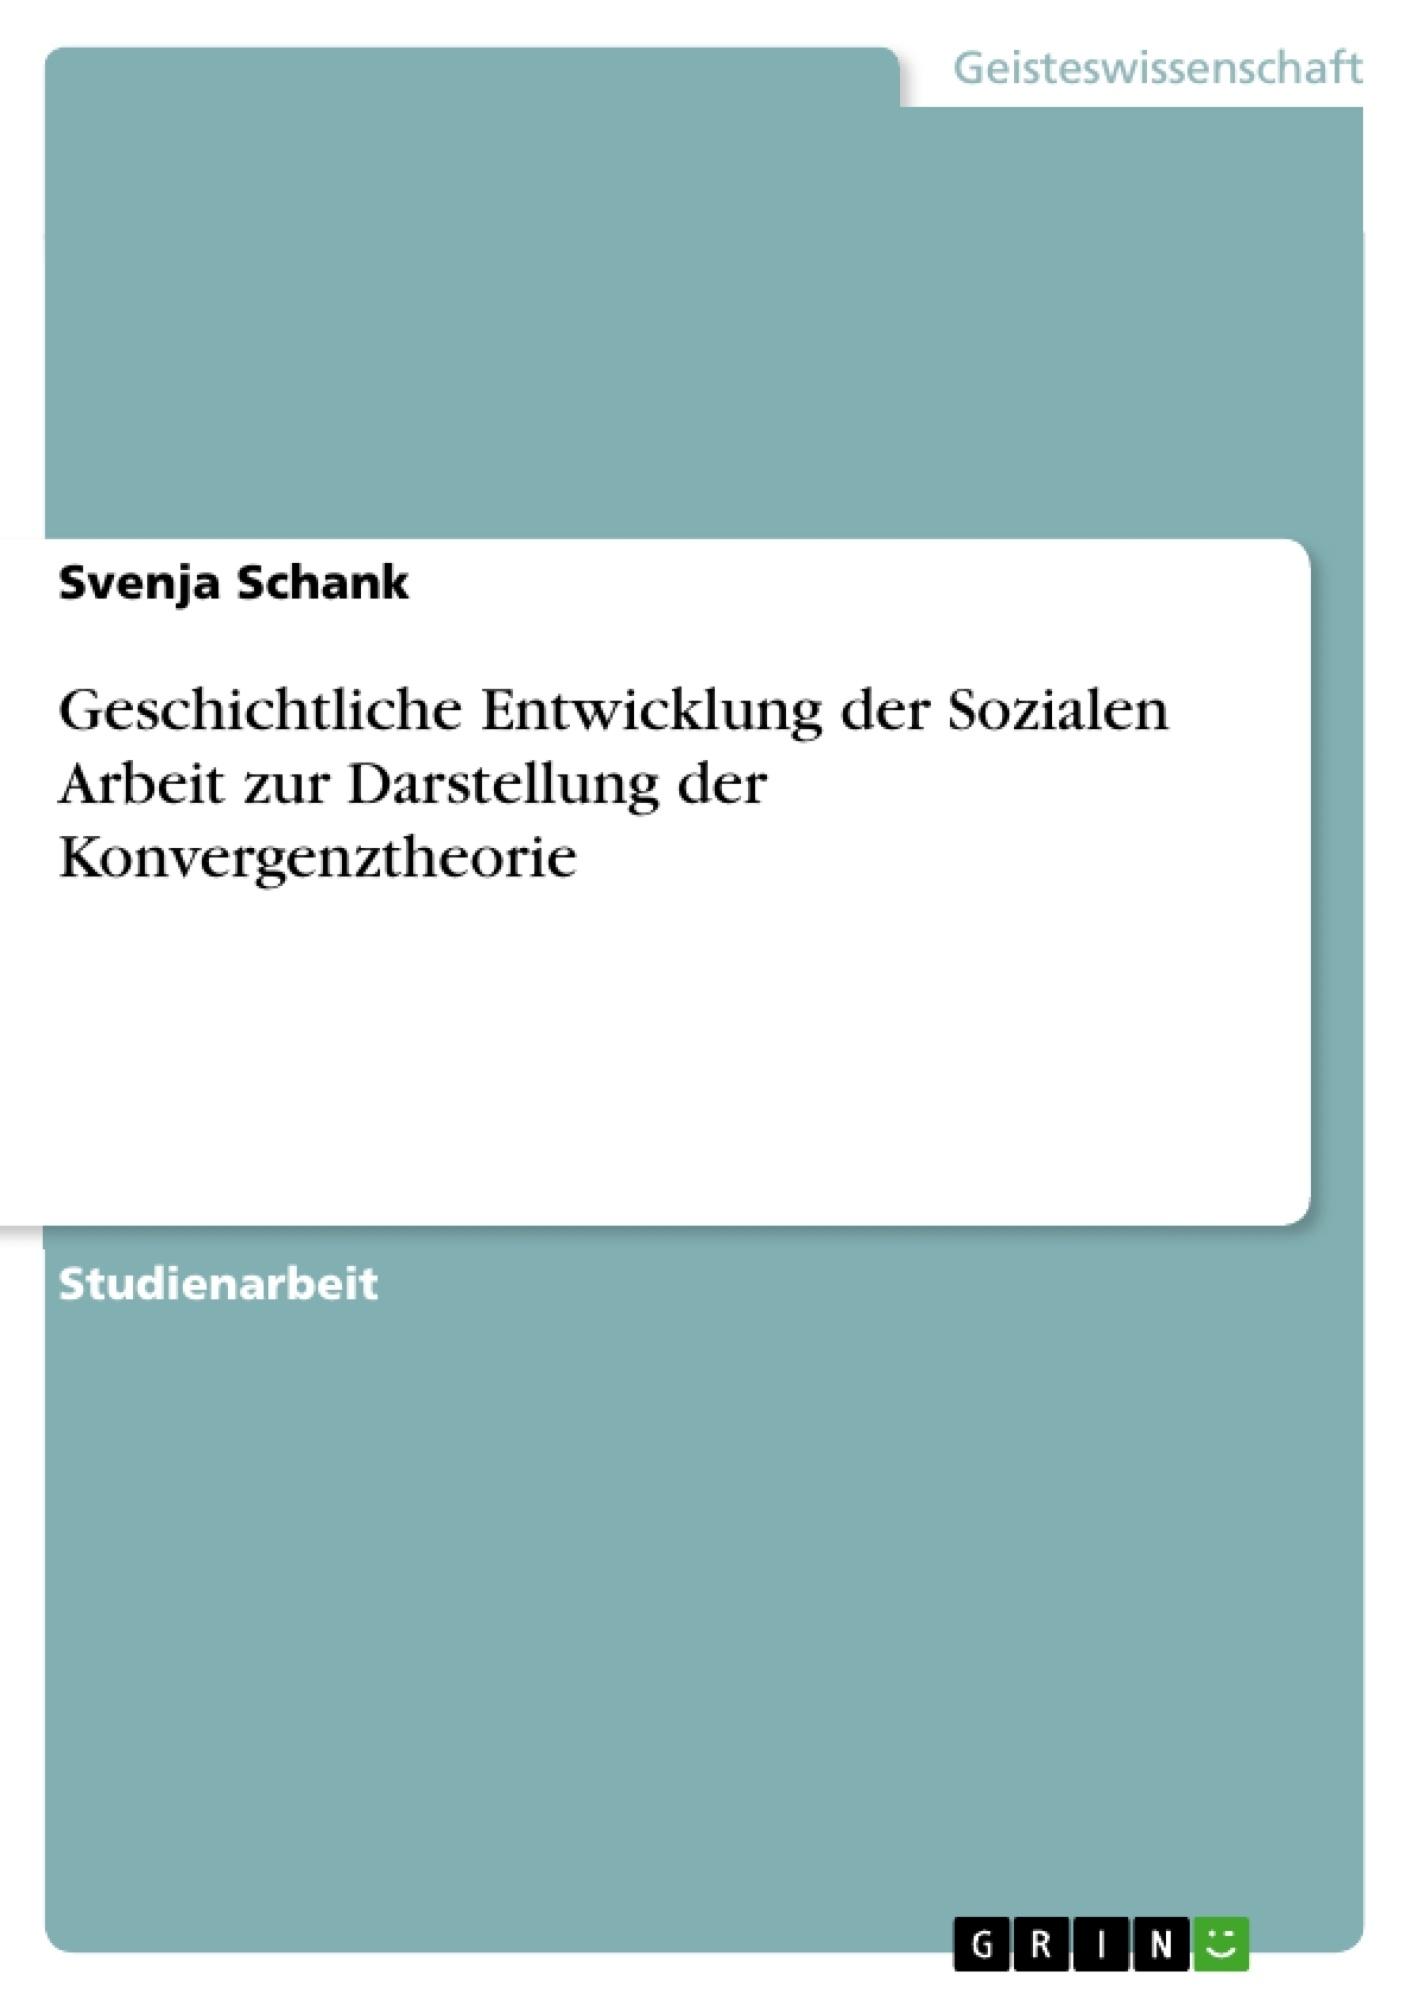 Titel: Geschichtliche Entwicklung der Sozialen Arbeit zur Darstellung der Konvergenztheorie